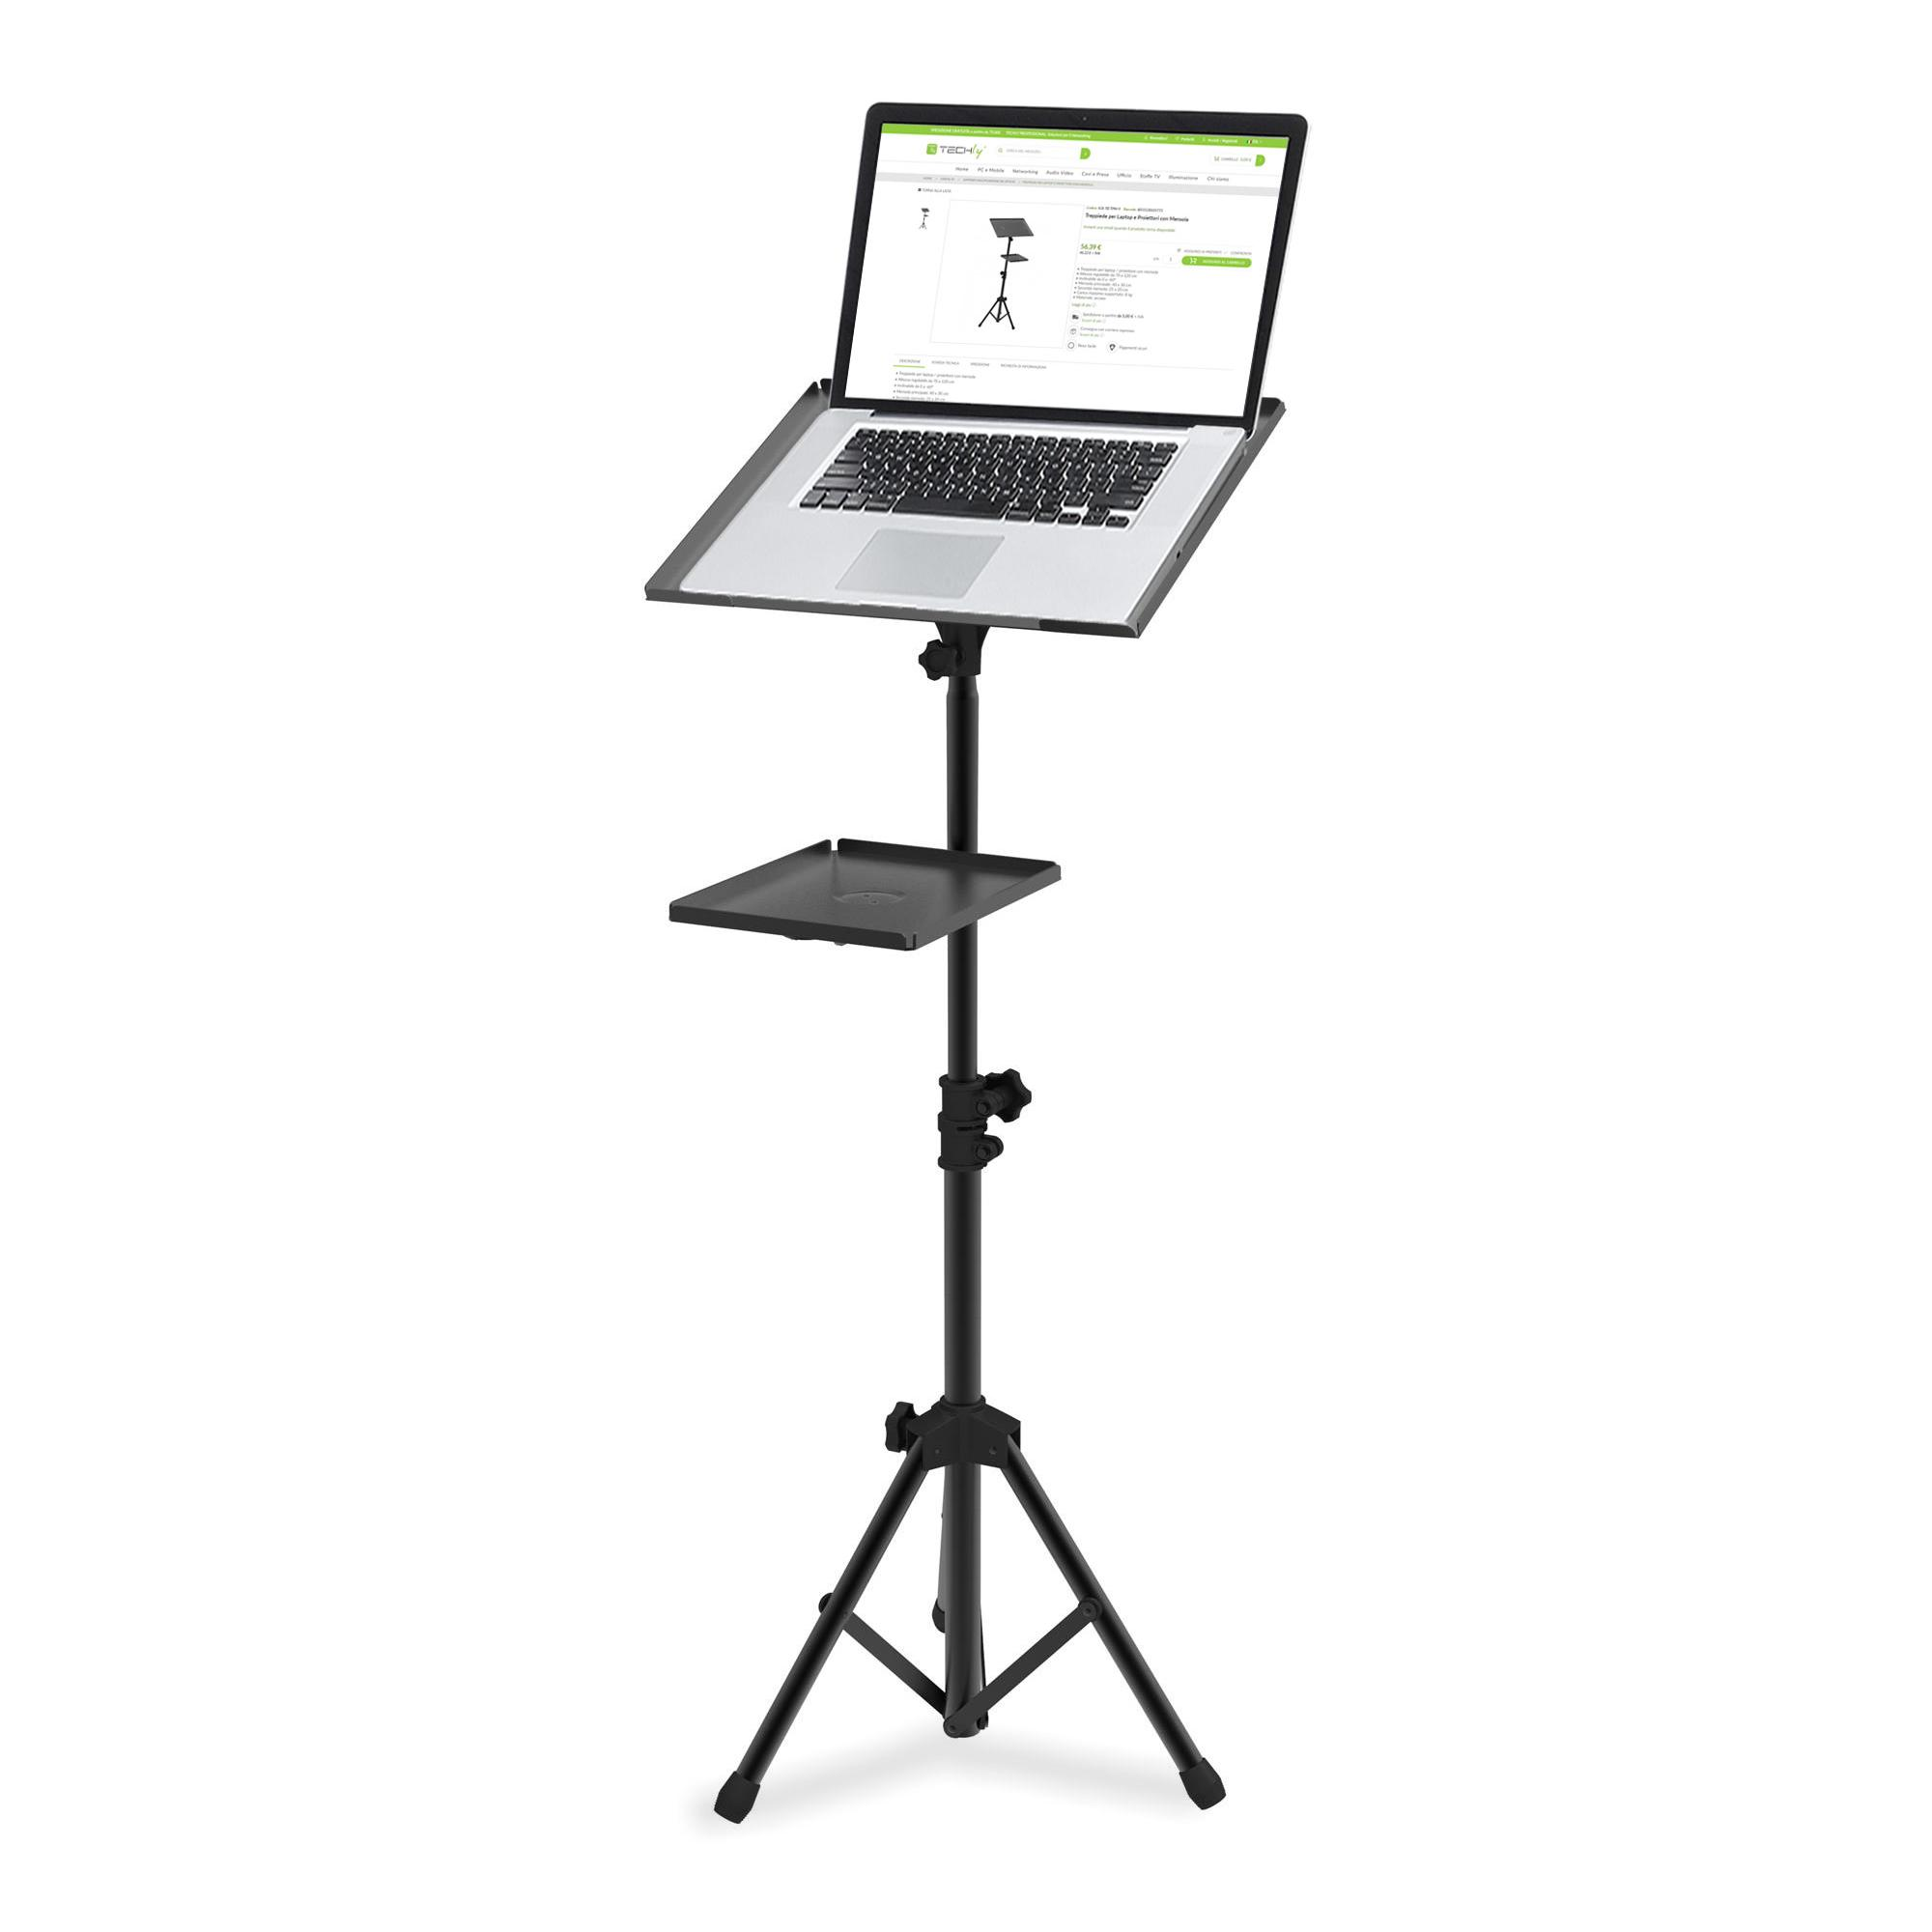 Treppiede per Laptop e Proiettori con Mensola aggiuntiva